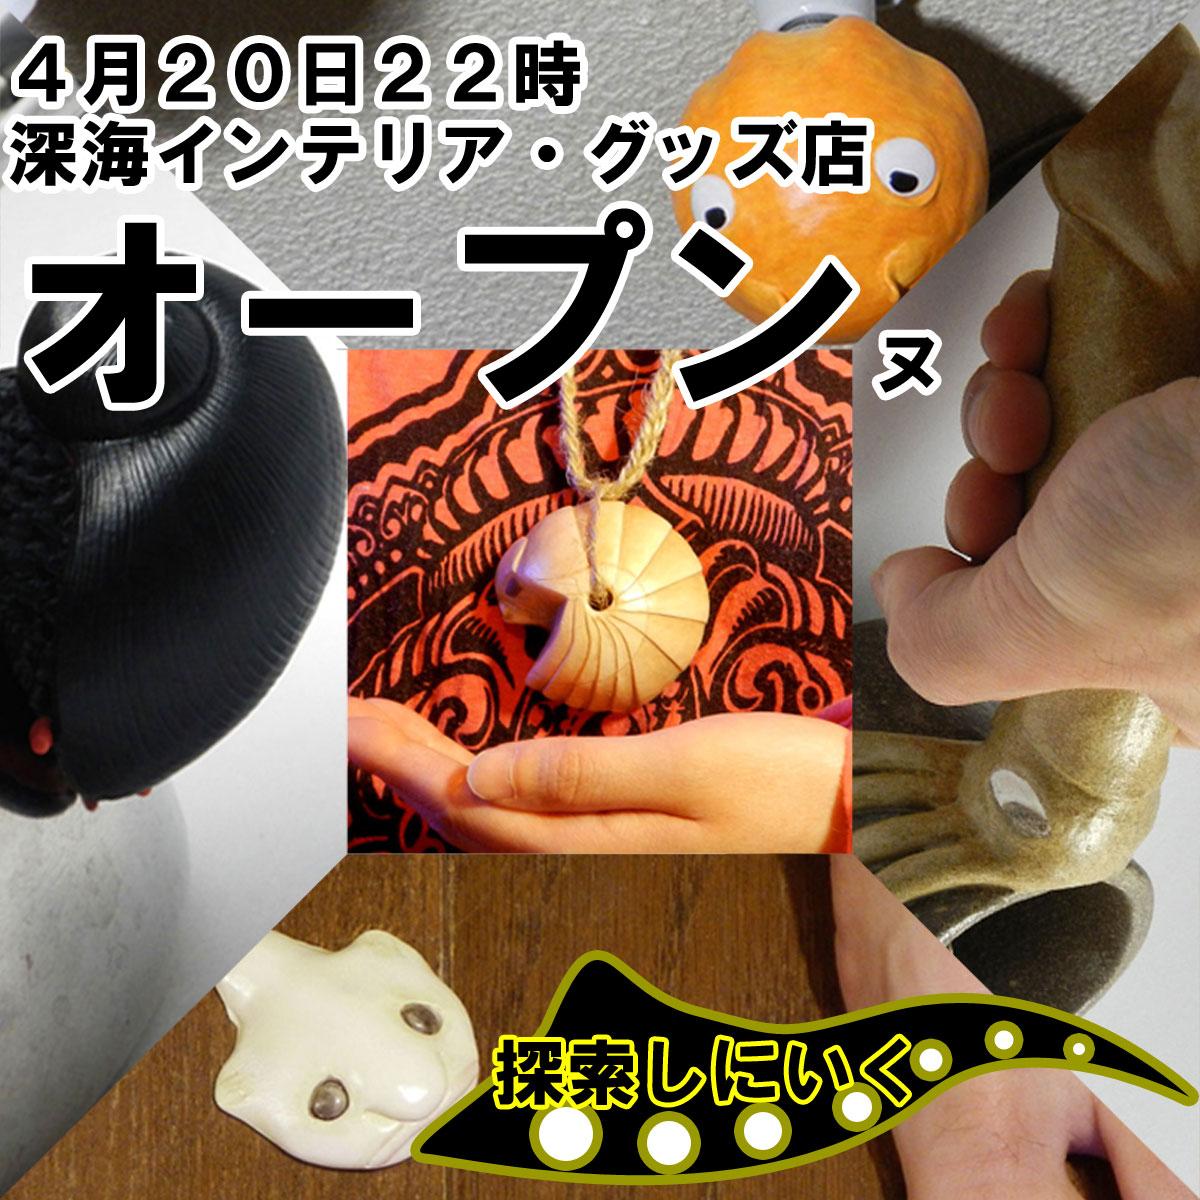 4月20日22時、深海インテリア・グッズ店オープン